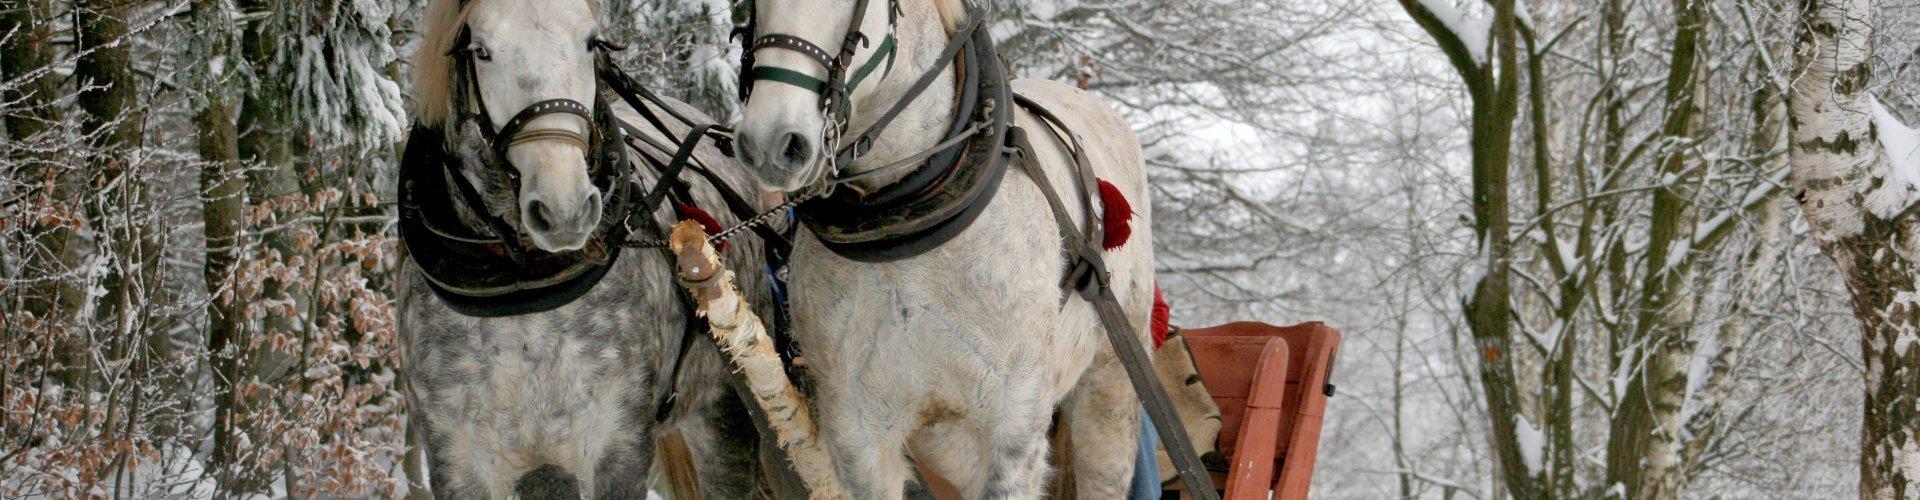 Ferie na Dolnym Śląsku | 4 dni i więcej